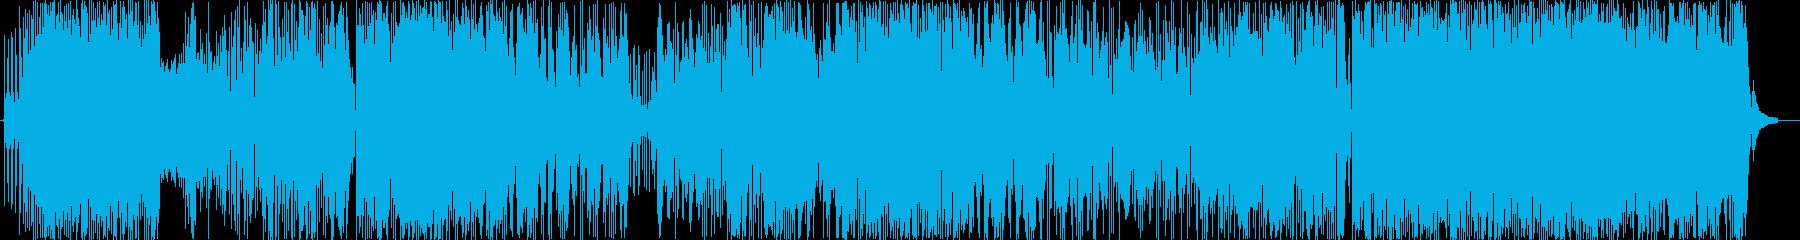 ほのぼの温かいポップスですの再生済みの波形